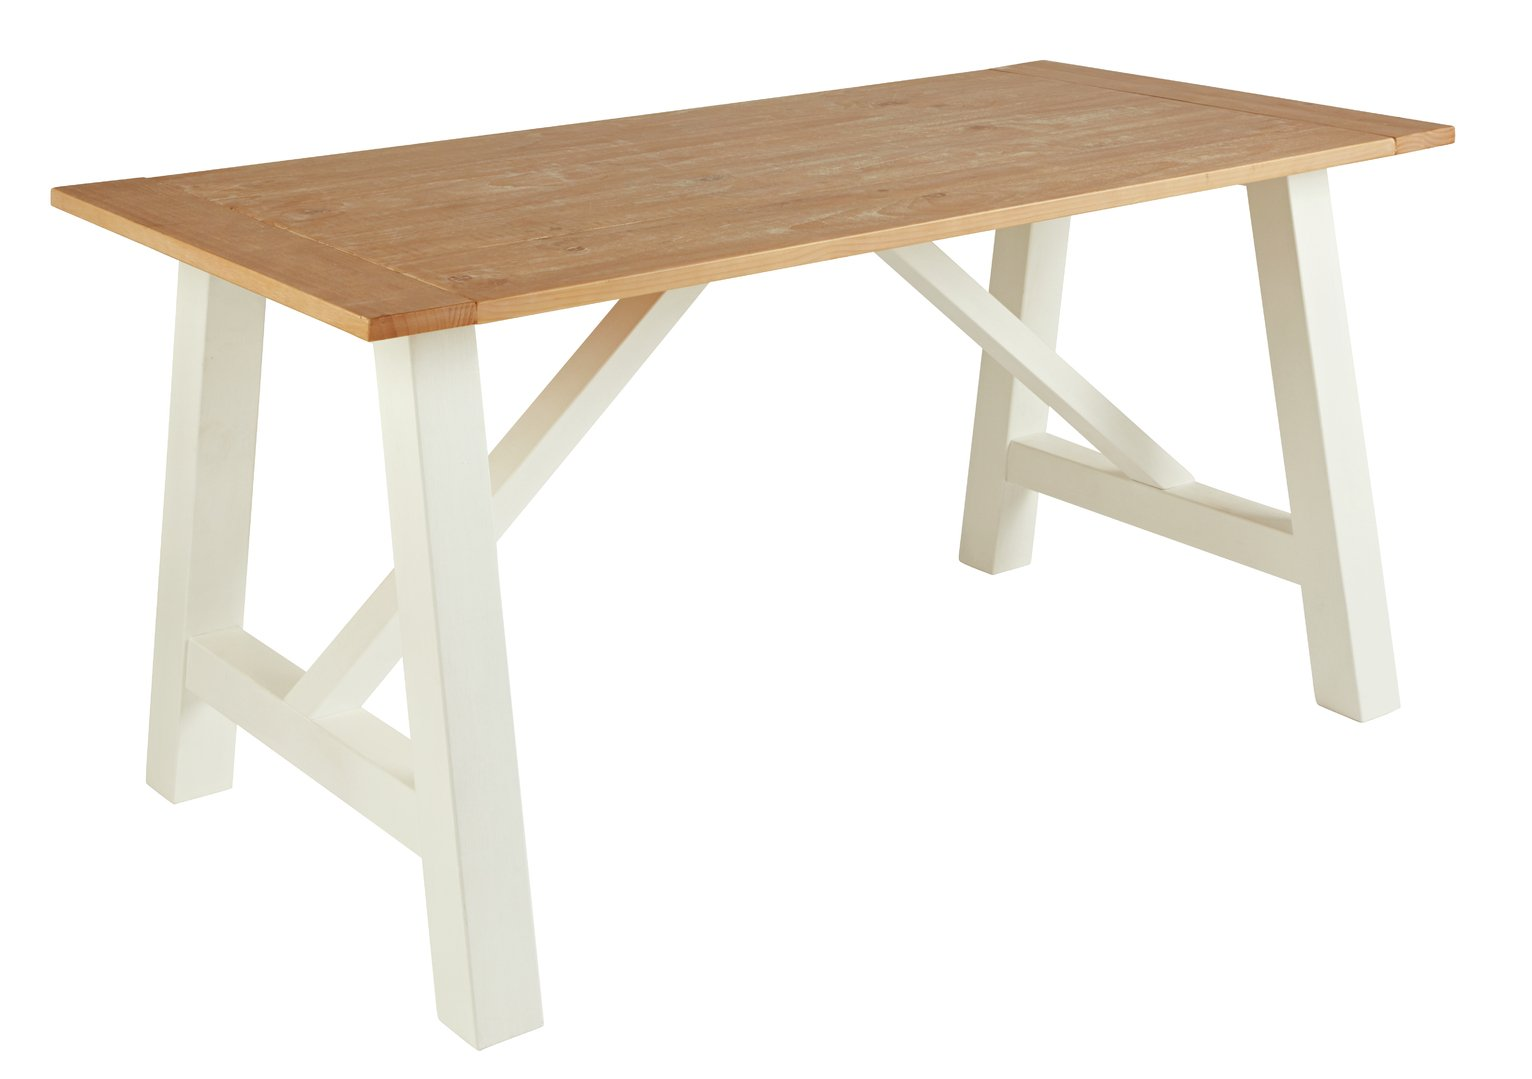 Argos Home Farmhouse Table - Two Tone